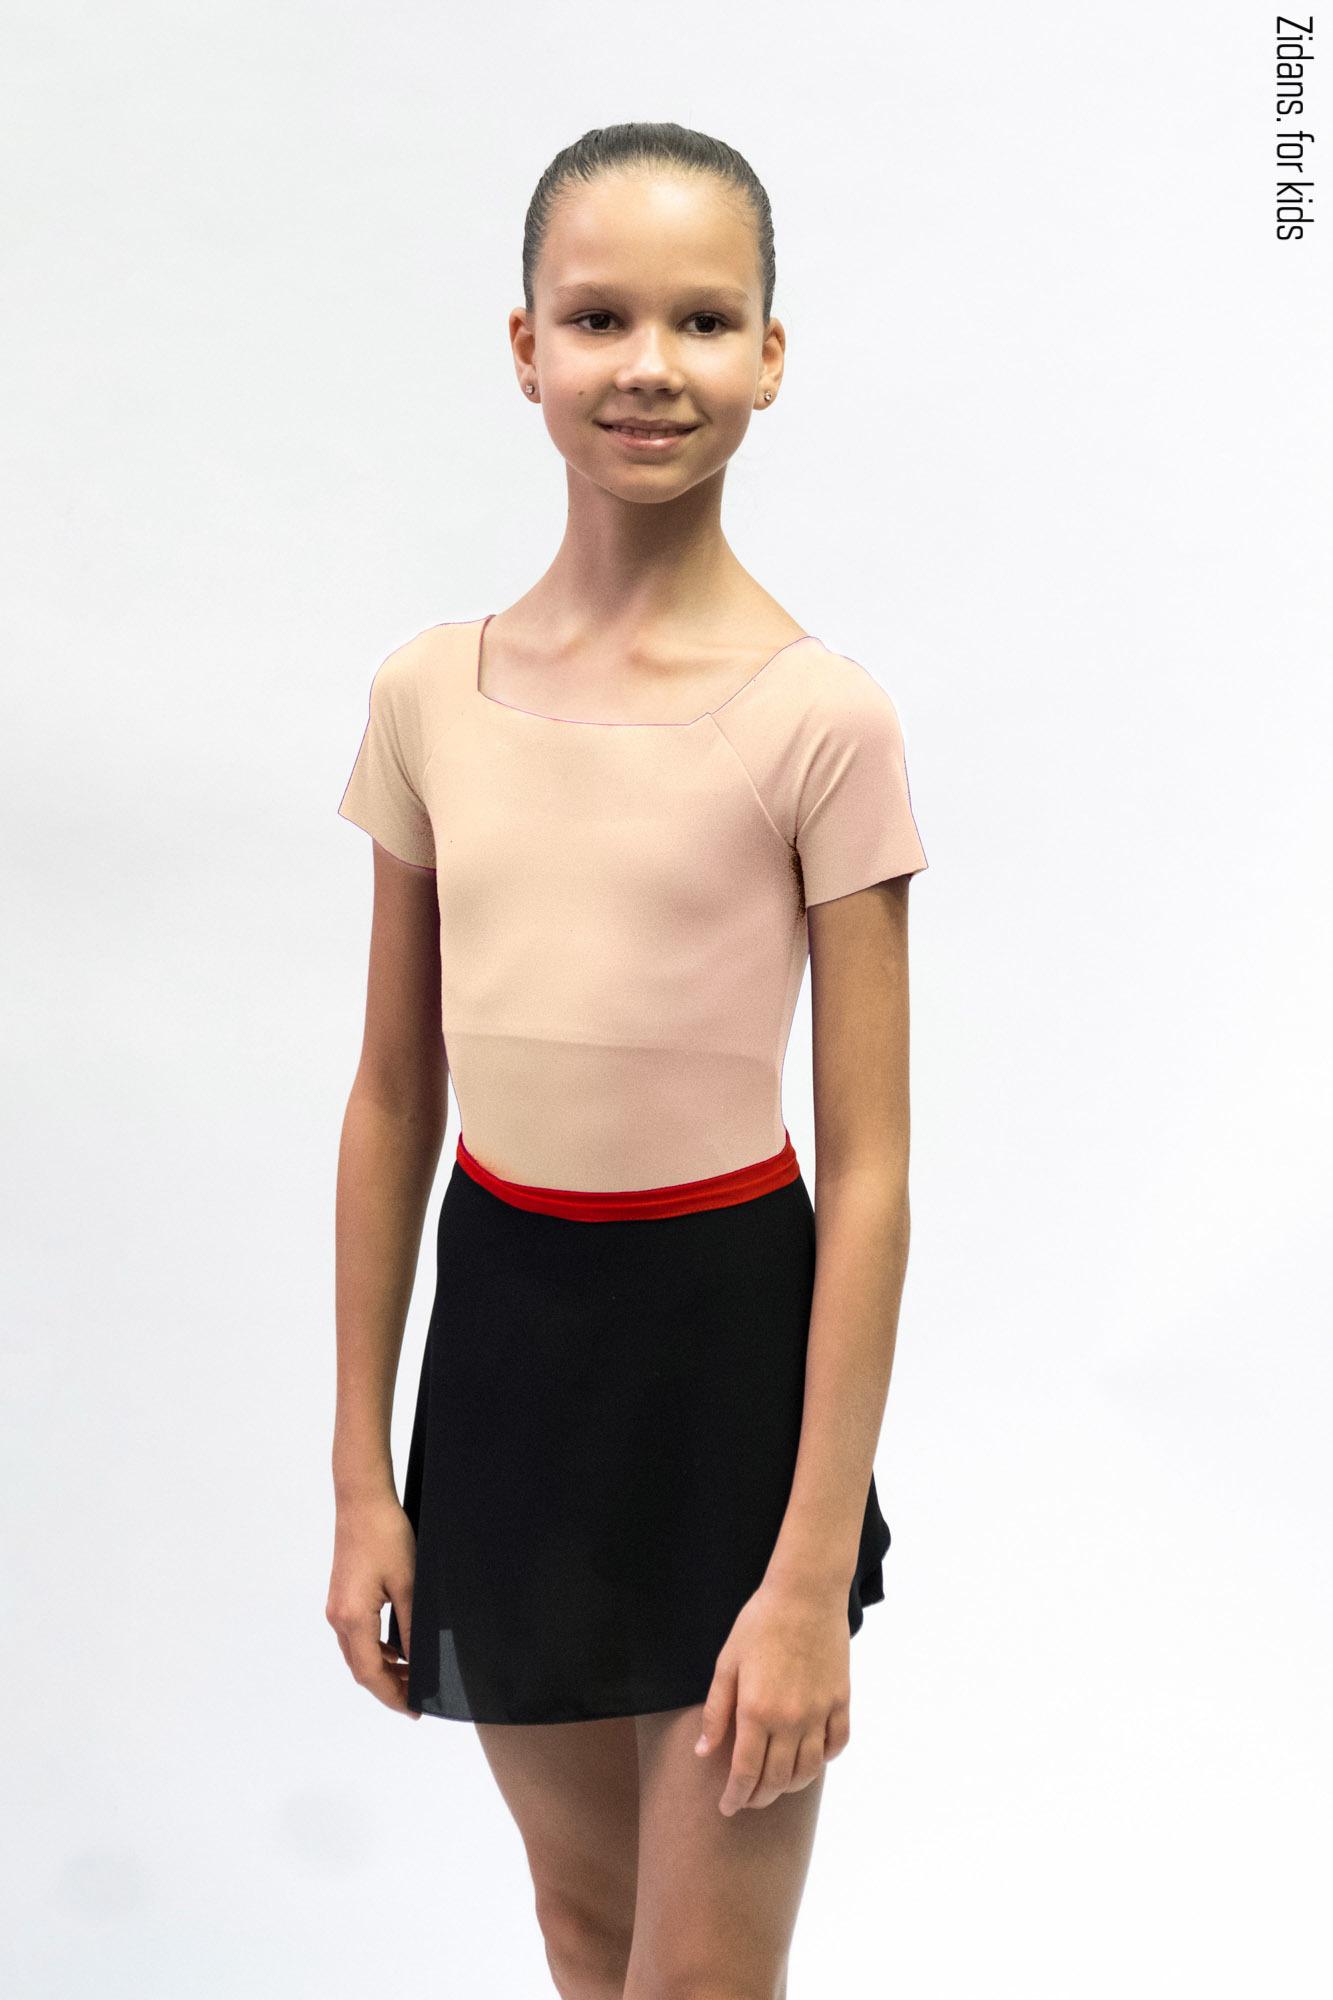 Детский комплект: купальник Футболка бежевый + юбка